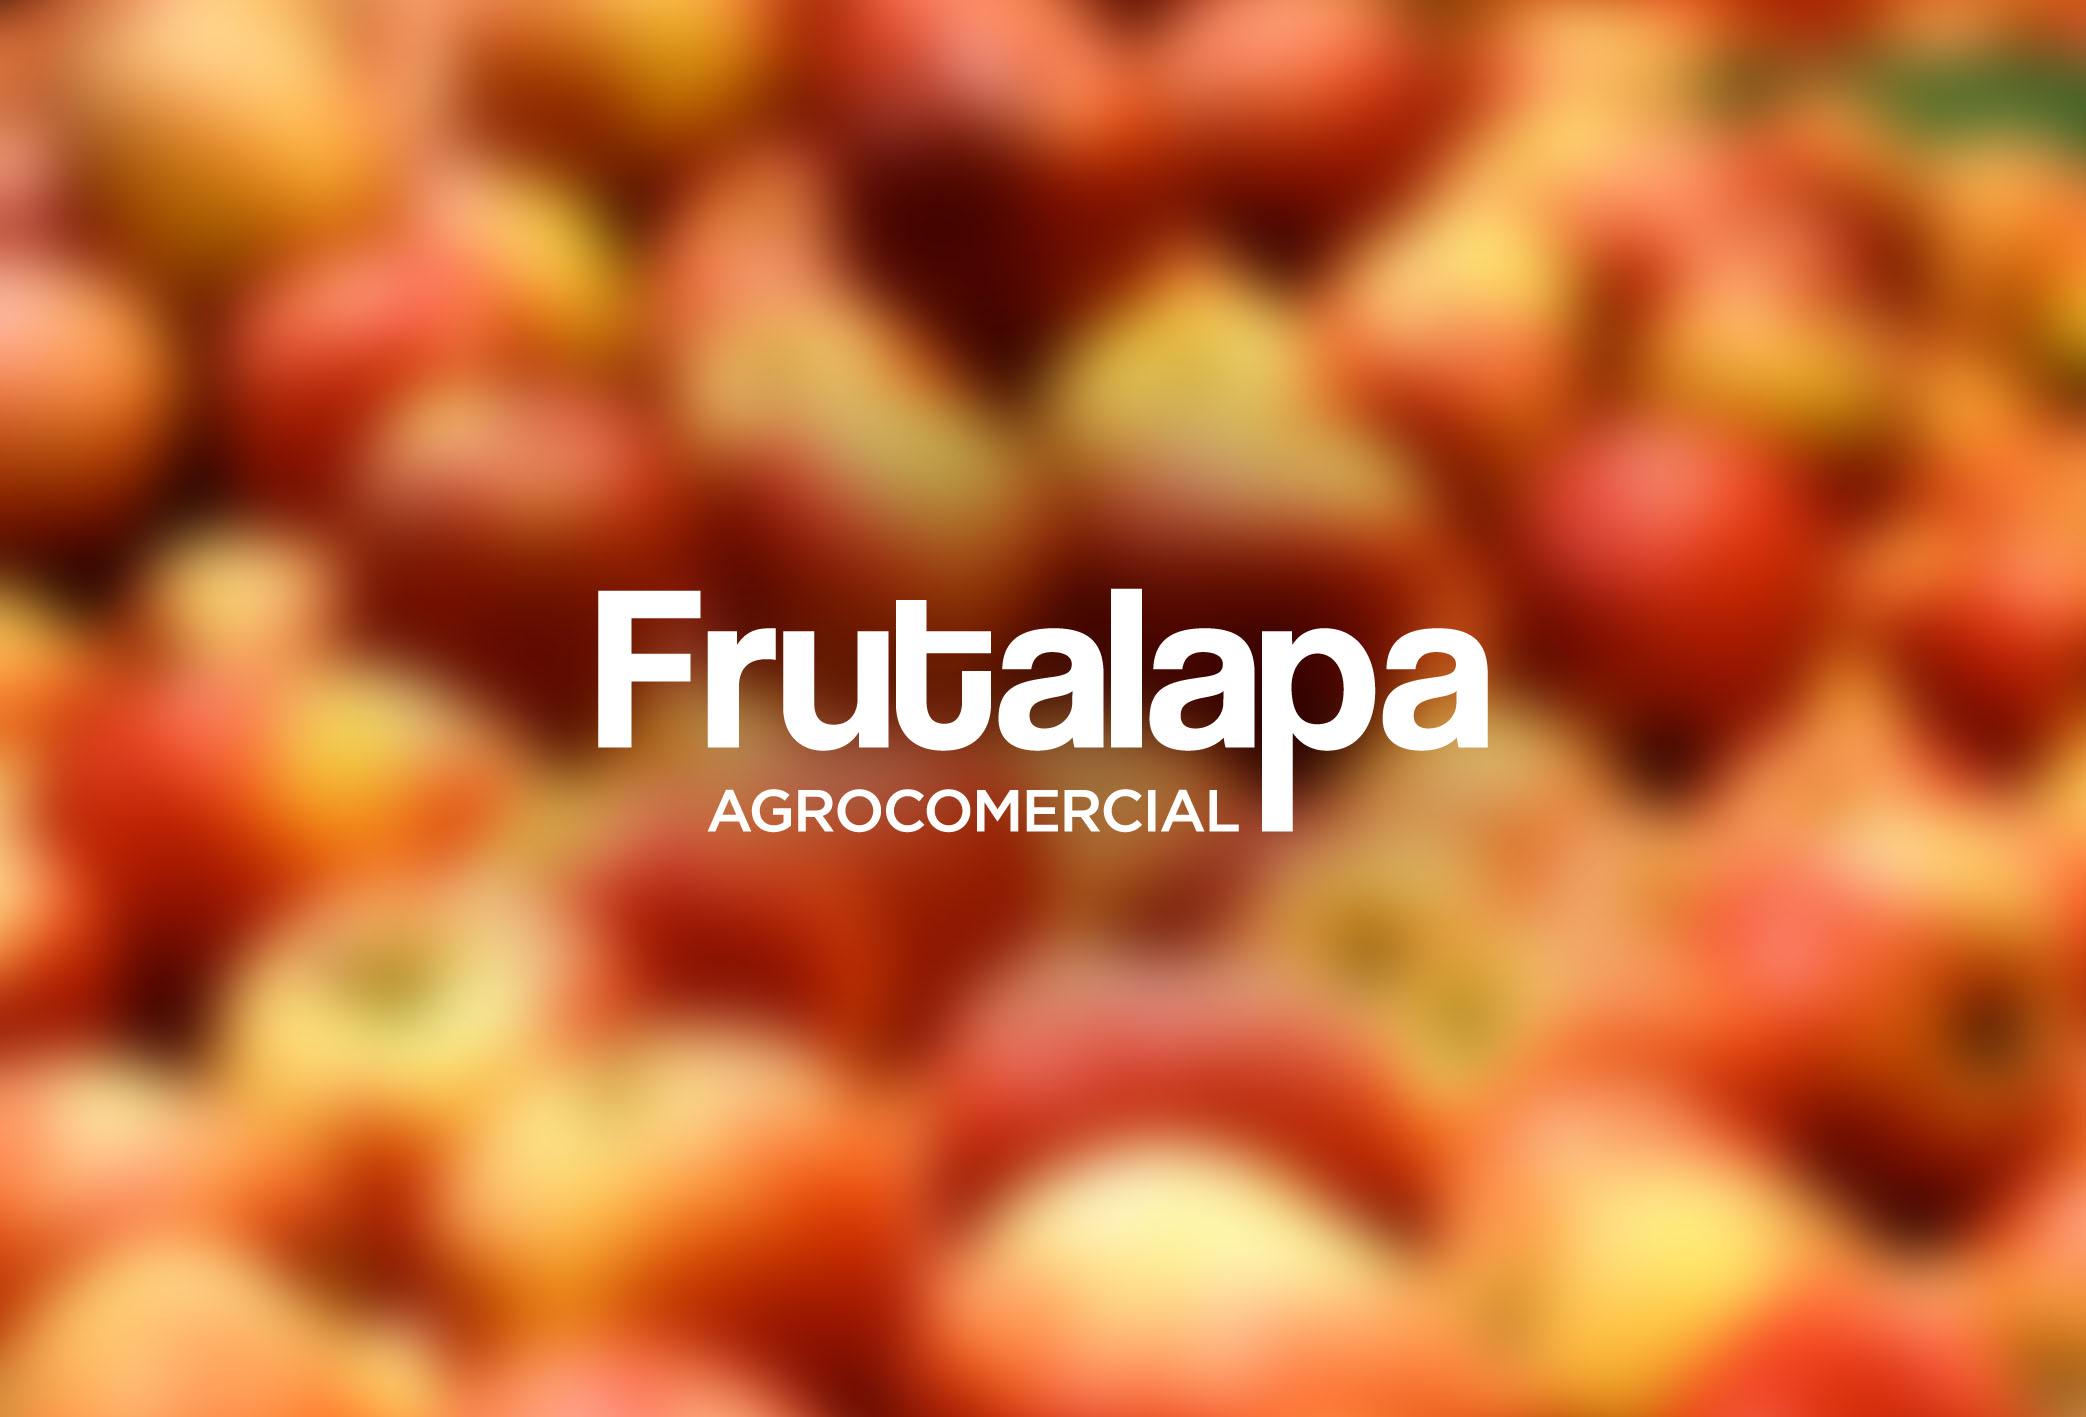 frutalapa-02c